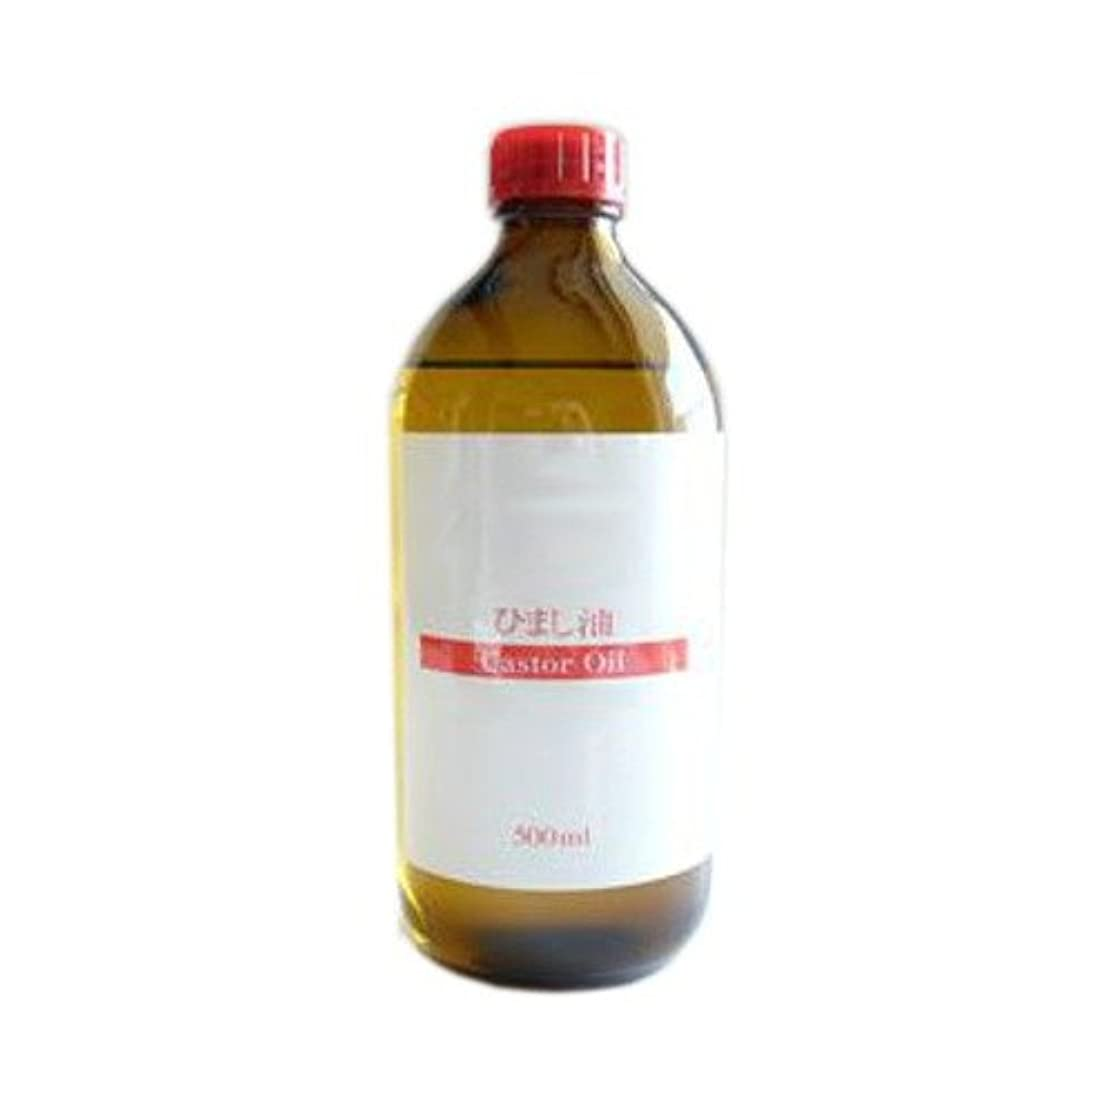 合図仕事流行しているひまし油 (キャスターオイル) 500ml